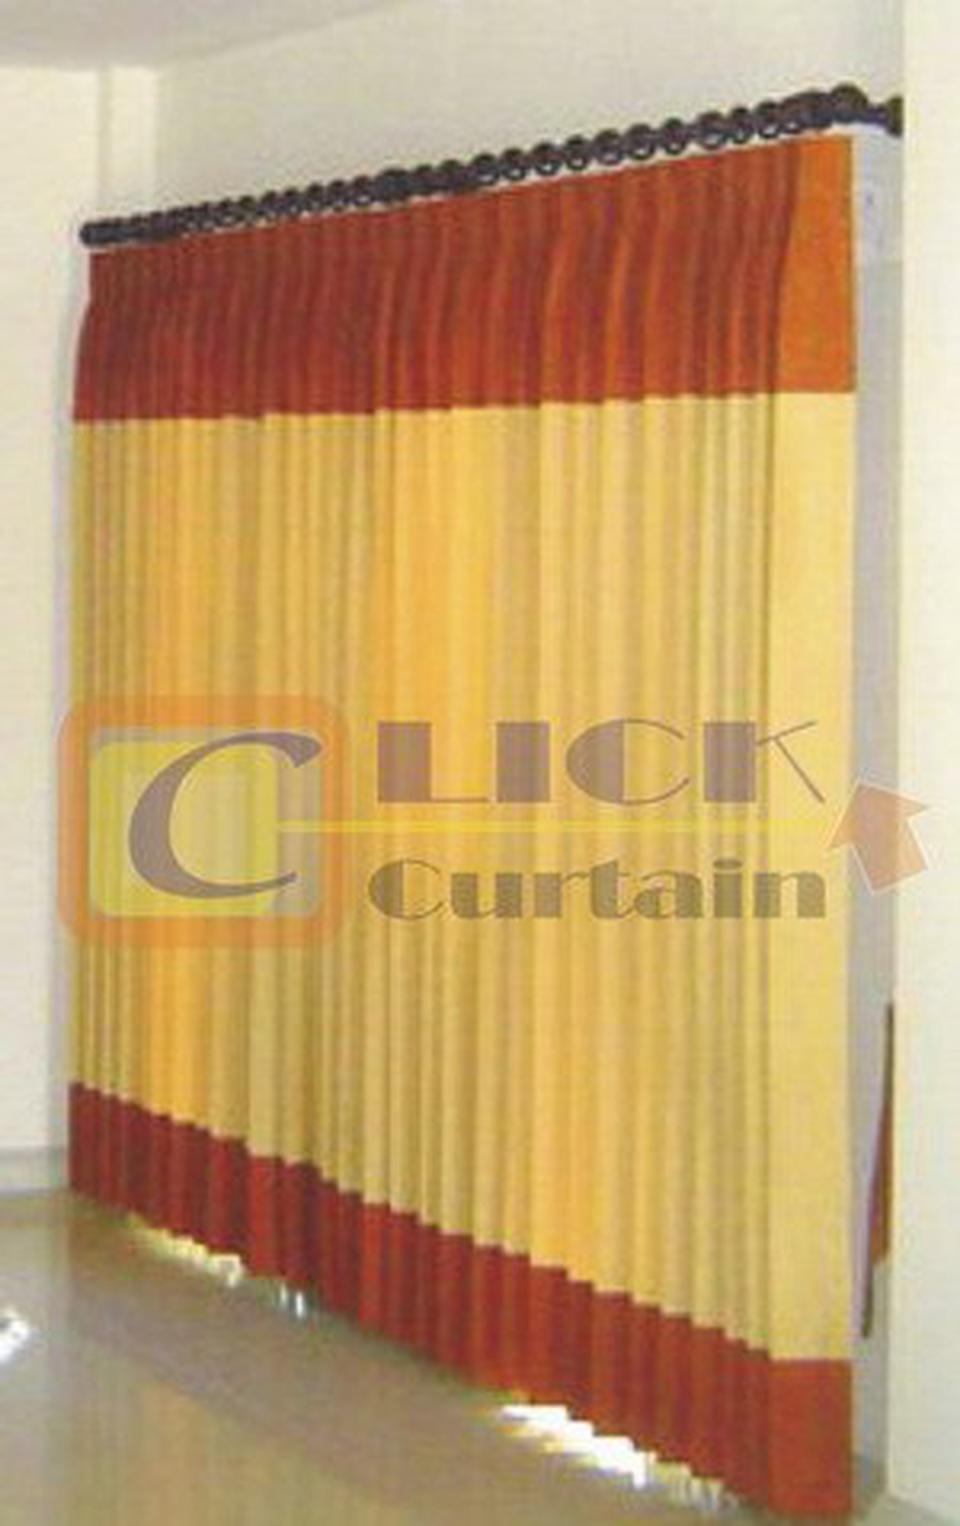 Click Curtain  ผ้าม่านสำเร็จรูปที่มีจำหน่ายหลากสไตล์ เช่น ม่านตอกตาไก่,ม่านคอกระเช้าและม่านจีบ ให้เลือกสรรเพื่อเหมาะกับก รูปที่ 5